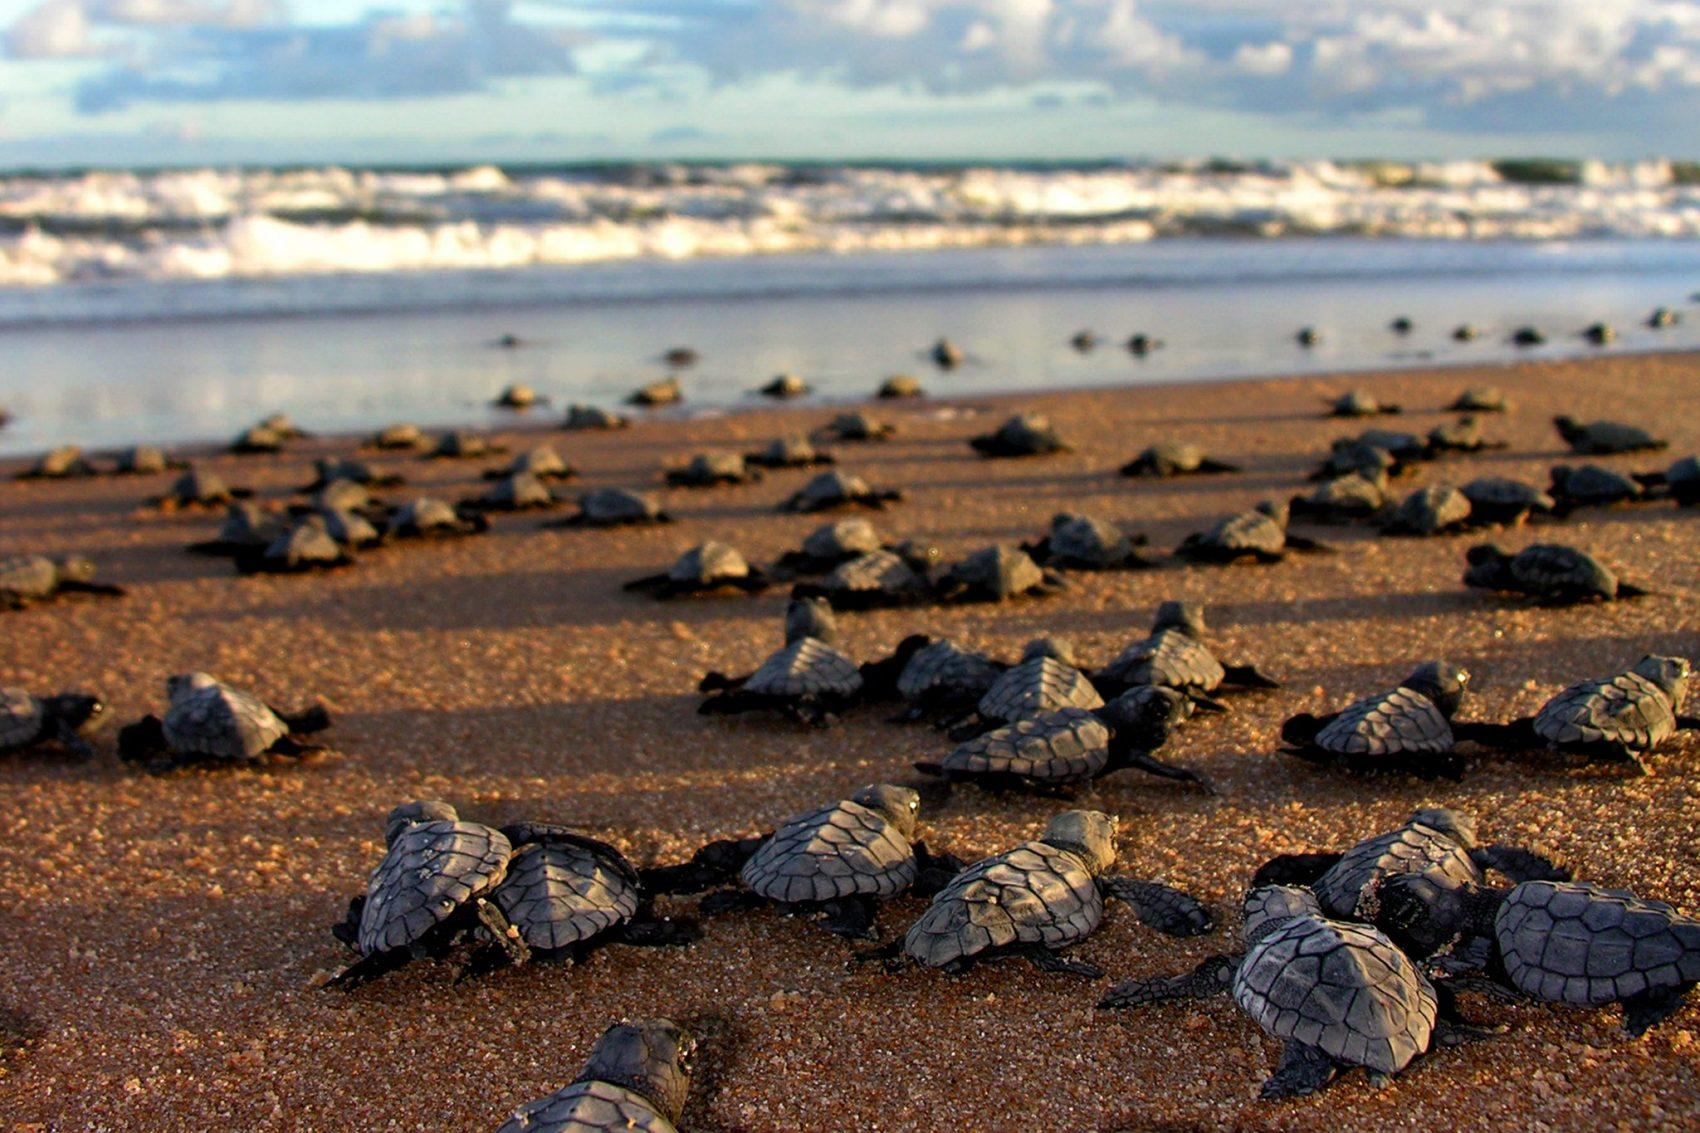 Ciclo de reprodução das tartarugas está em risco